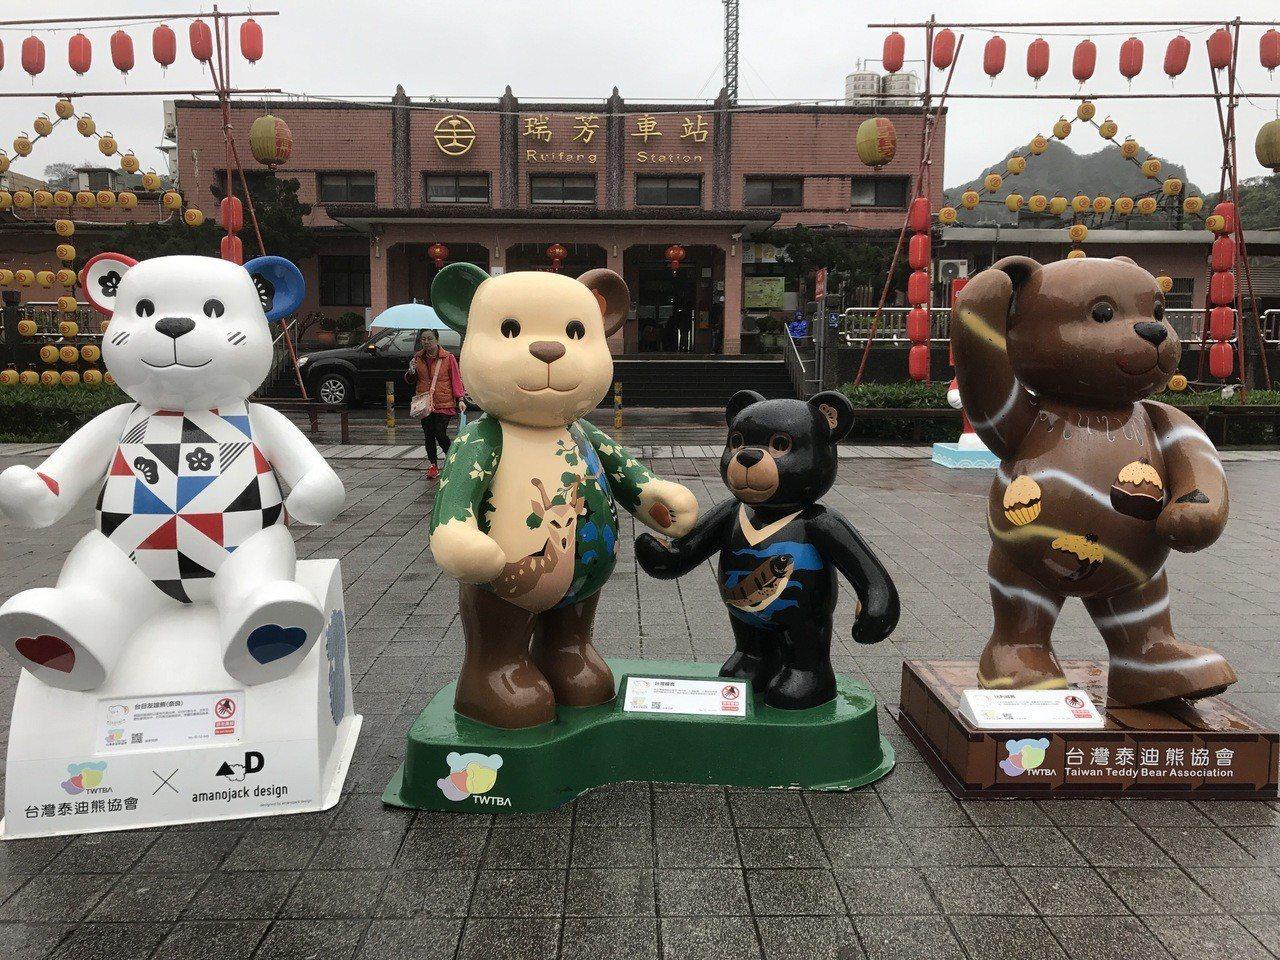 瑞芳火車站展出18隻各國不同的泰迪熊,遊客紛紛合照,成為打卡熱點。圖/瑞芳區公所...